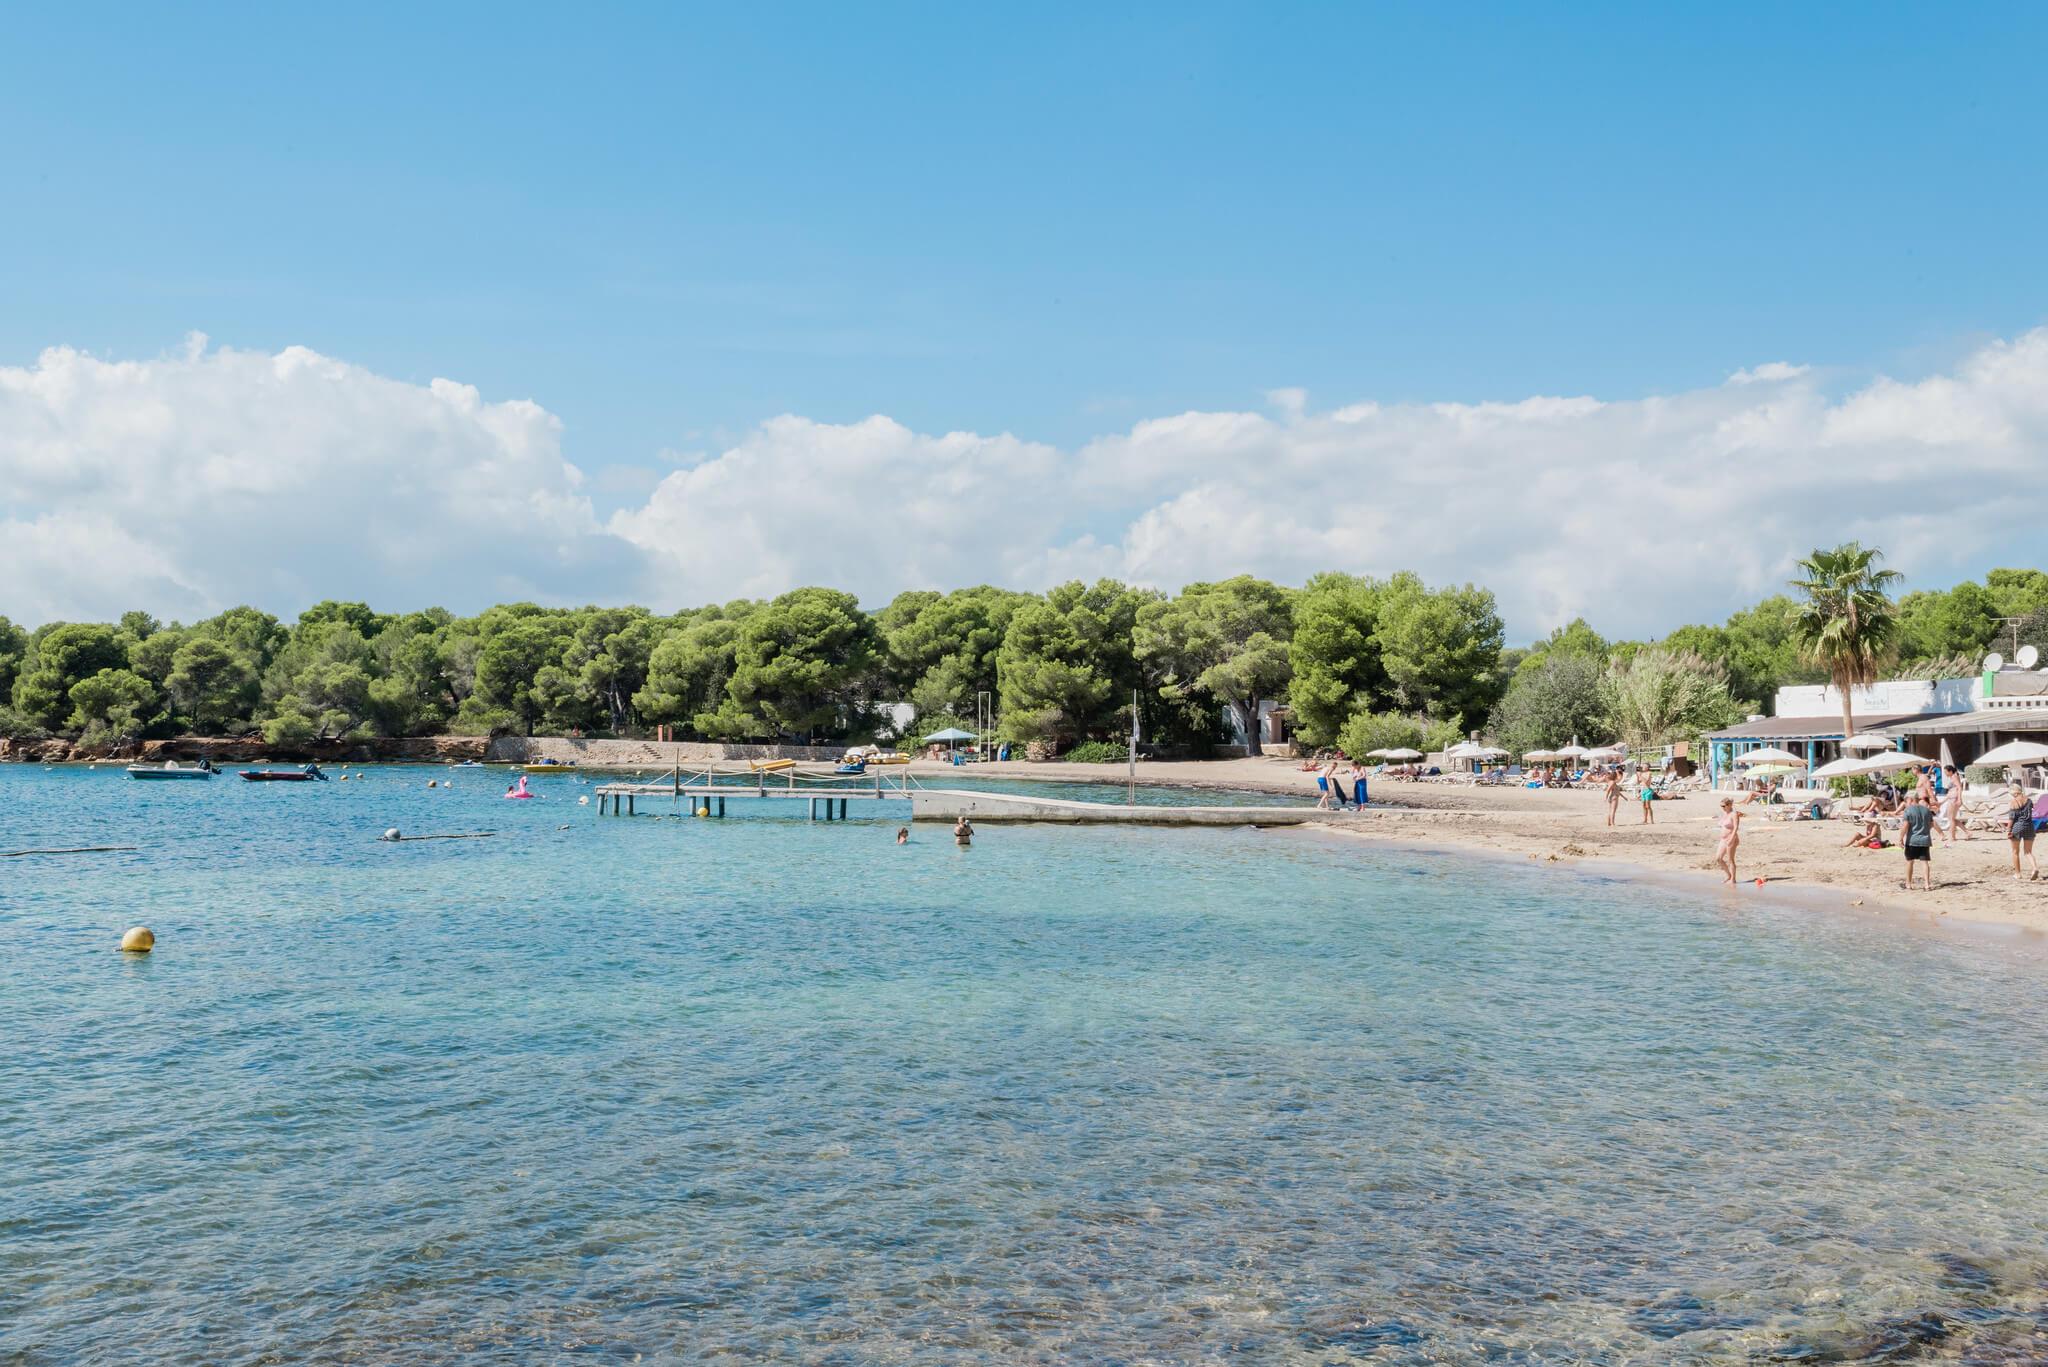 https://www.white-ibiza.com/wp-content/uploads/2020/03/ibiza-beaches-cala-pada-05.jpg